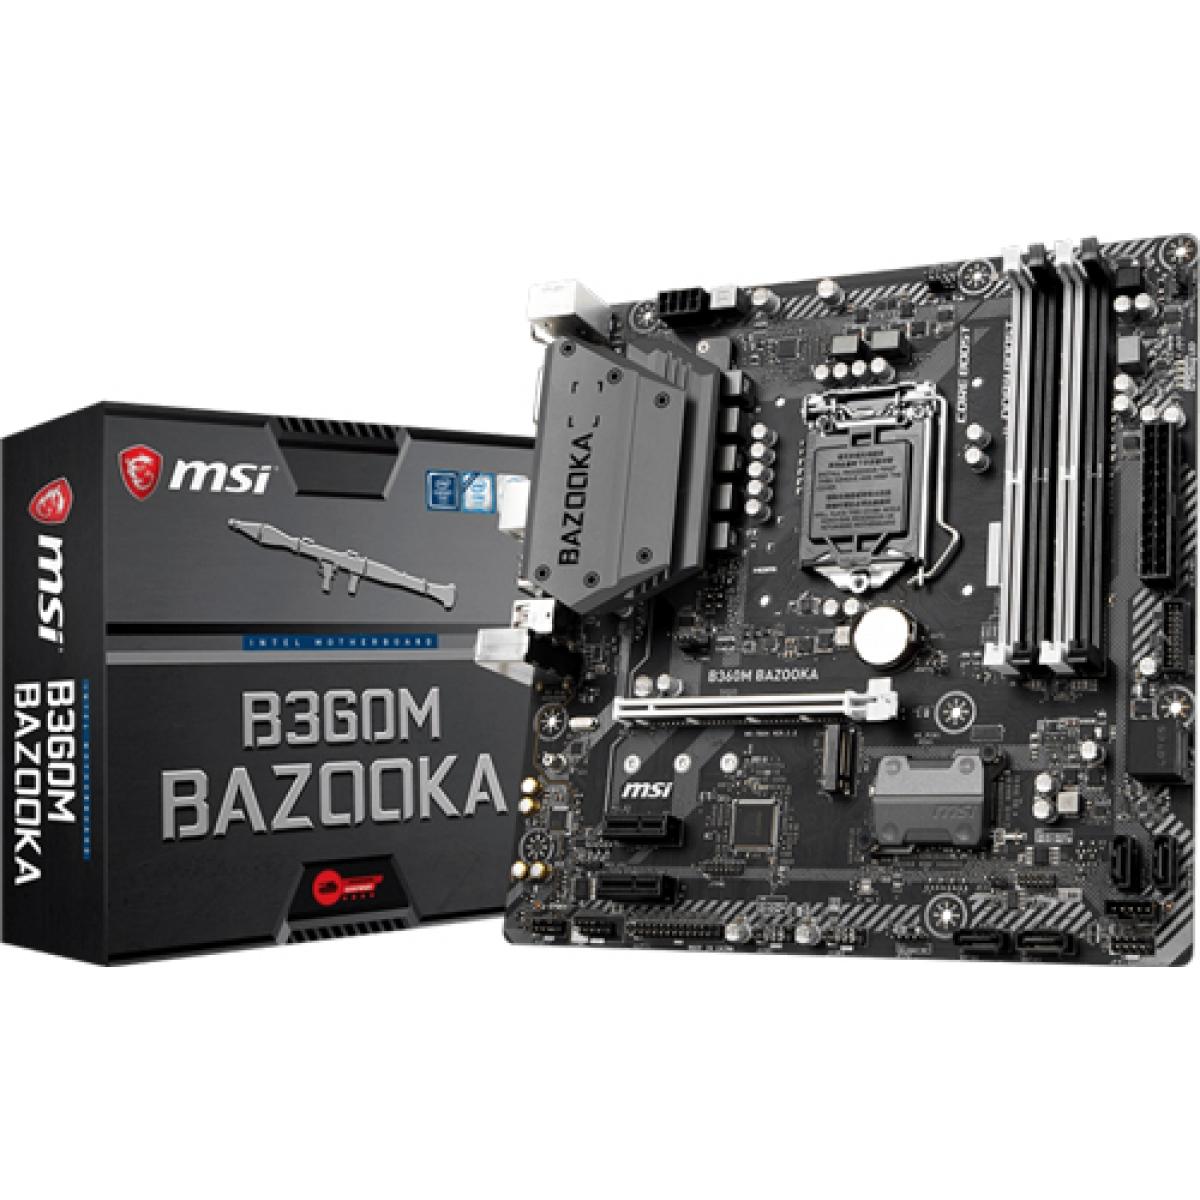 Placa Mãe MSI B360M BAZOOKA, Chipset B360, Intel LGA 1151, mATX, DDR4